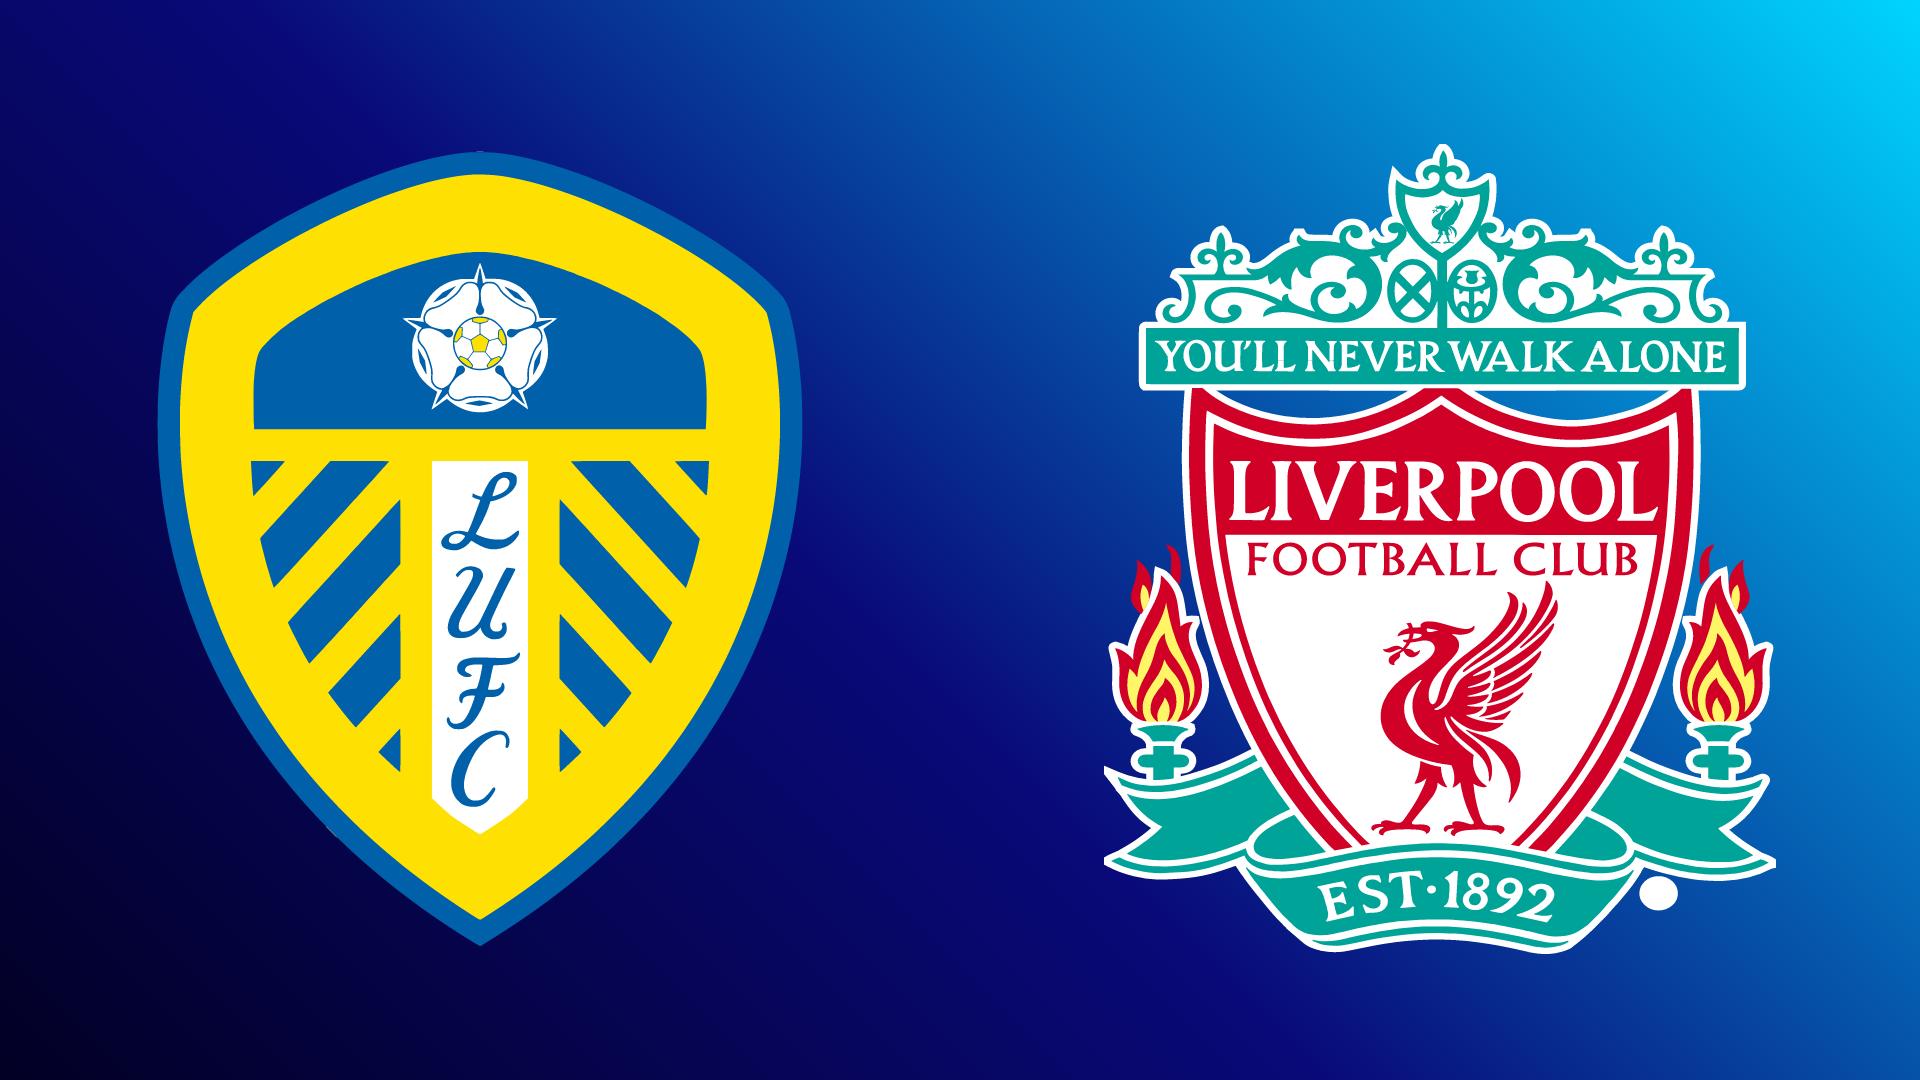 PL: Leeds United - FC Liverpool, Match of the Week, 32. Spieltag 24.04.2021 um 09:30 Uhr auf Sky Ticket